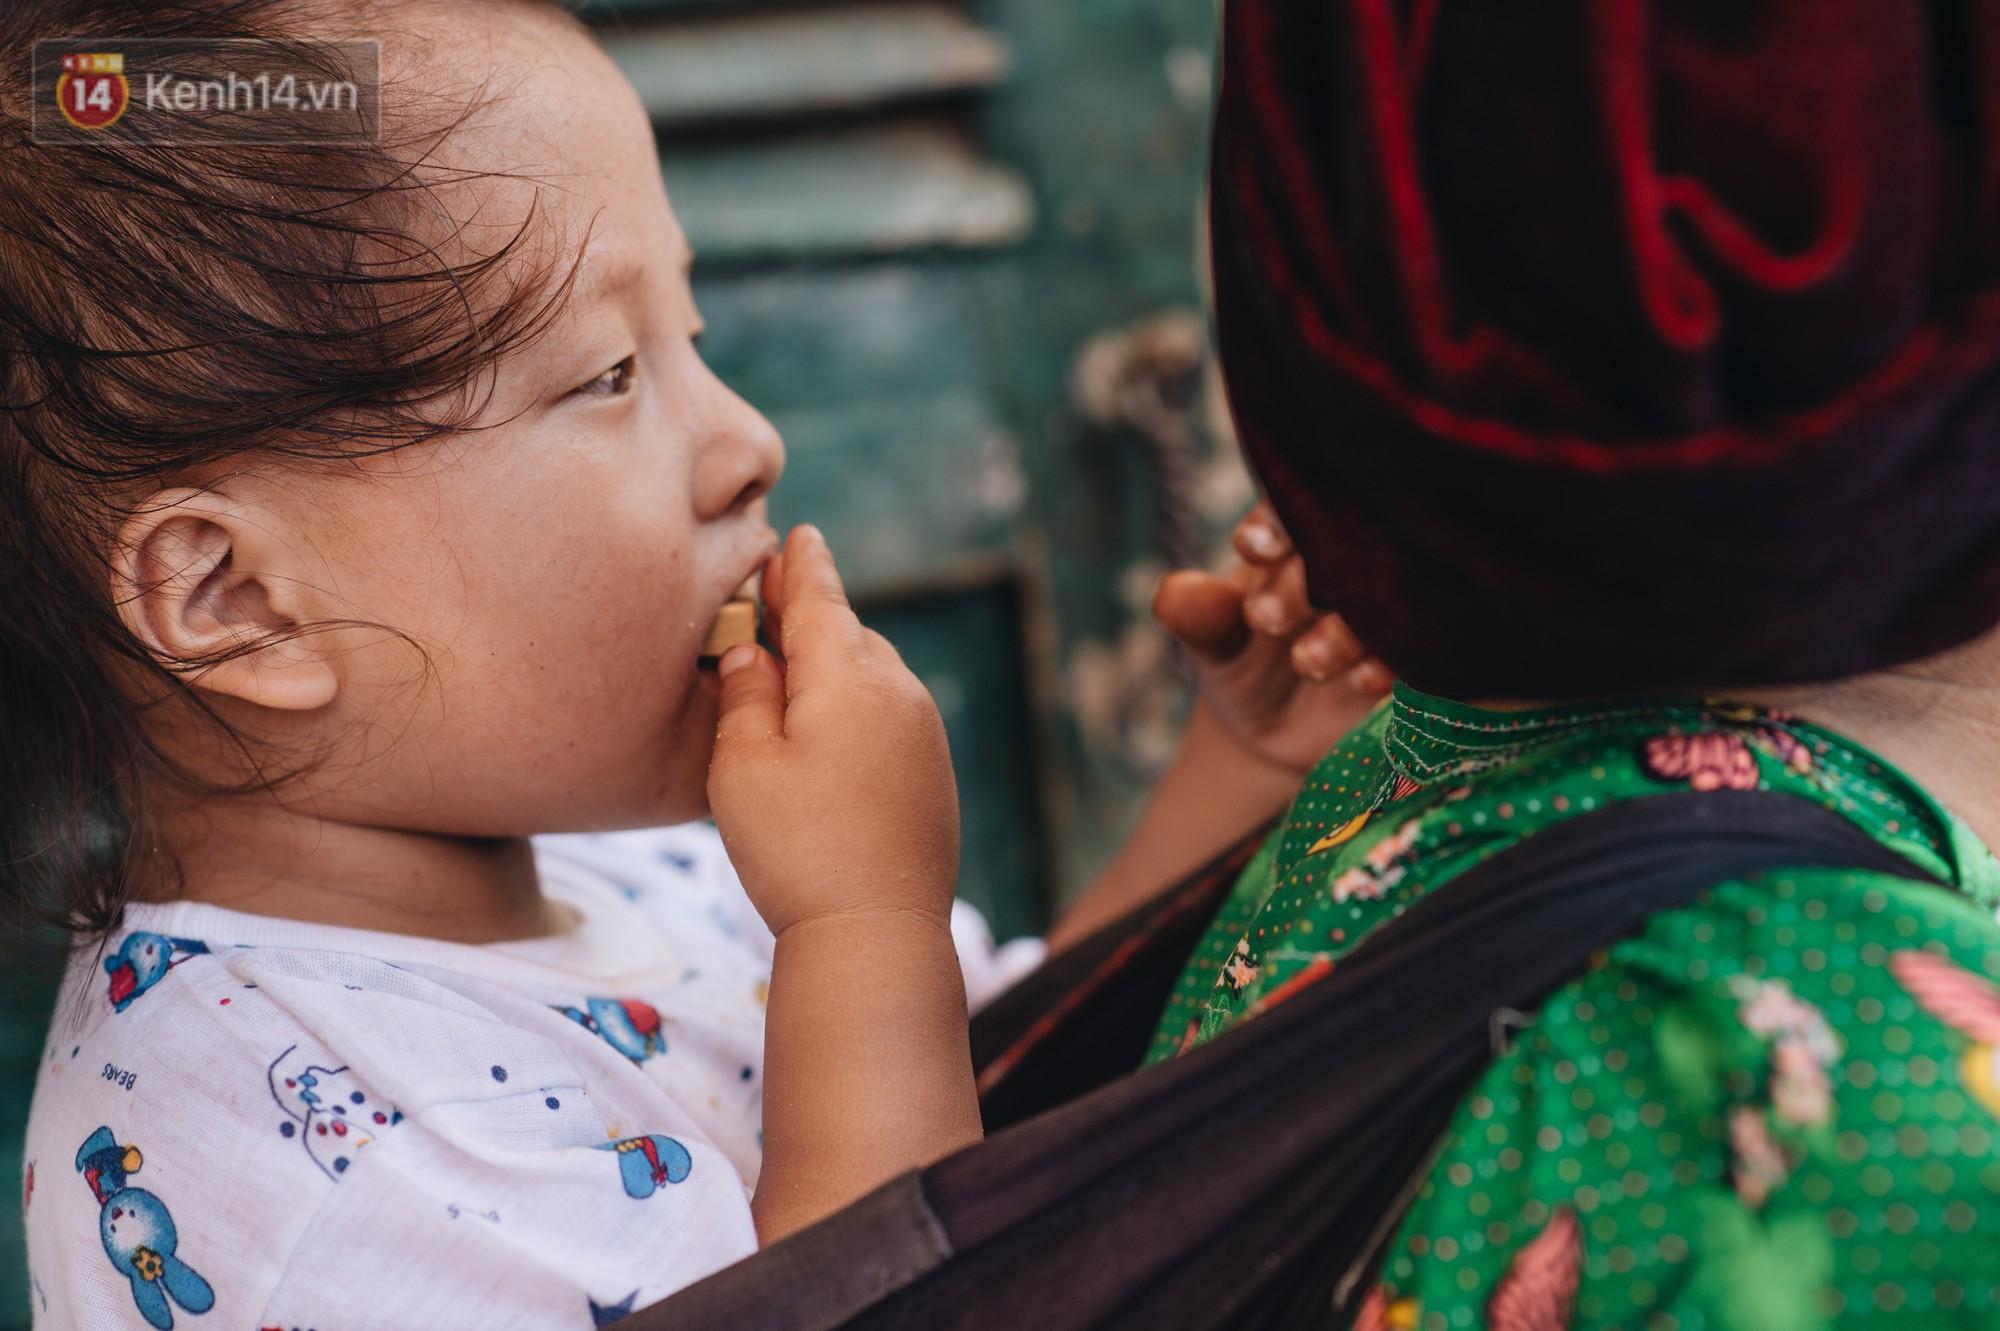 Ánh mắt kiên cường và nụ cười hồn nhiên của trẻ em Hà Giang sau trận lũ đau thương khiến 5 người chết, hàng trăm ngôi nhà đổ nát - Ảnh 9.